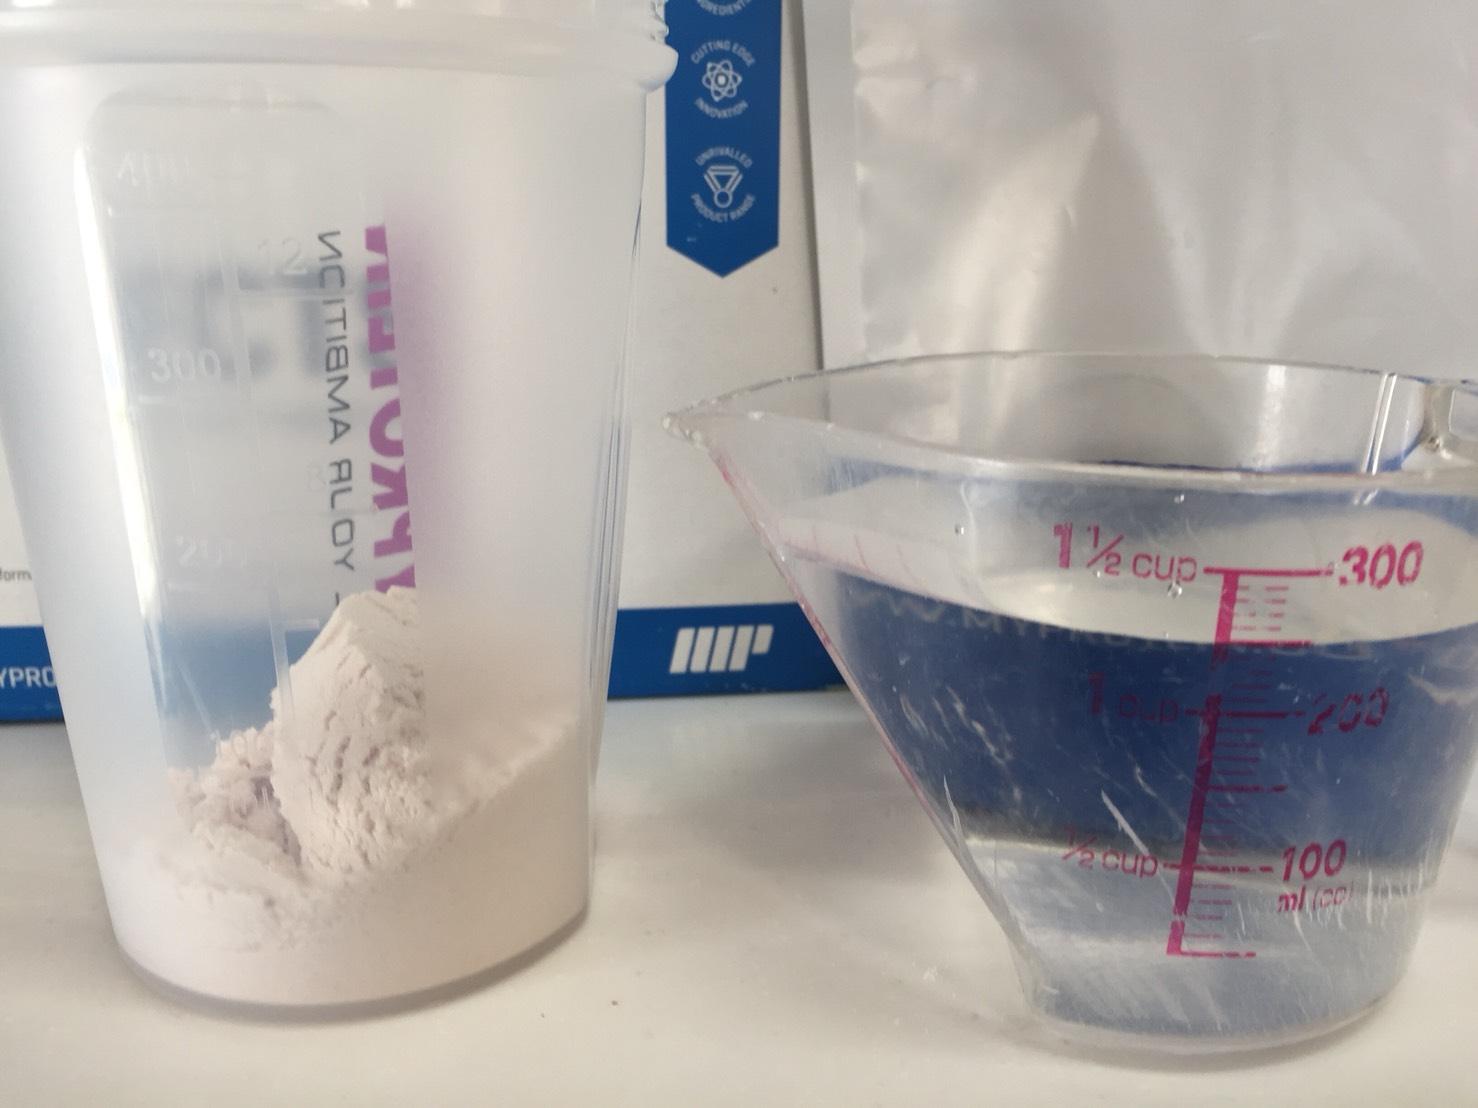 【WPI】IMPACT 分離ホエイプロテイン (アイソレート)「NATURAL STRAWBERRY FLAVOUR(ナチュラルストロベリー味)」を250mlの水に溶かします。